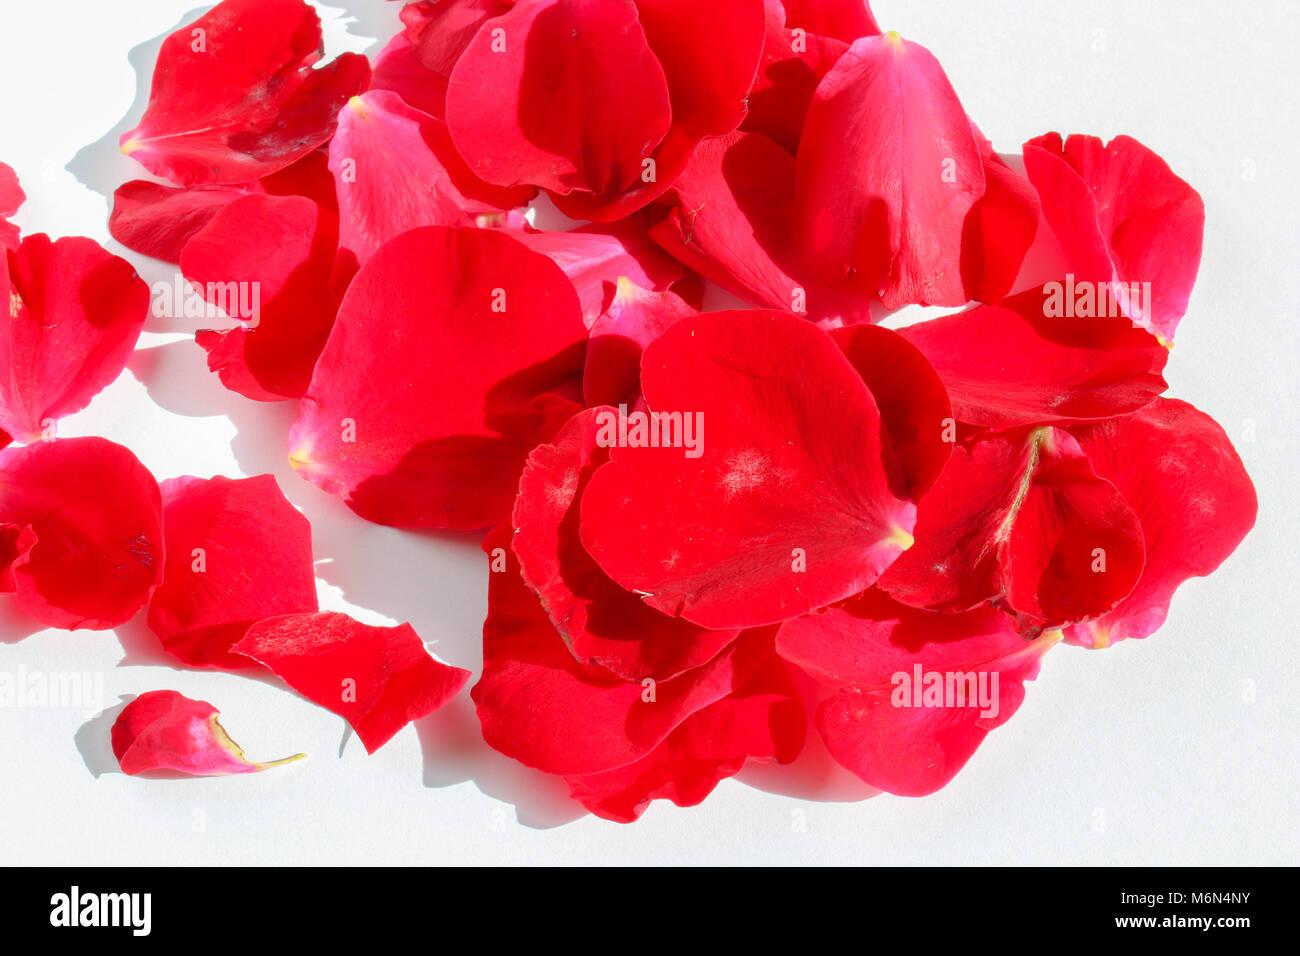 Groupe des pétales de fleurs rouges sur fond blanc Banque D'Images